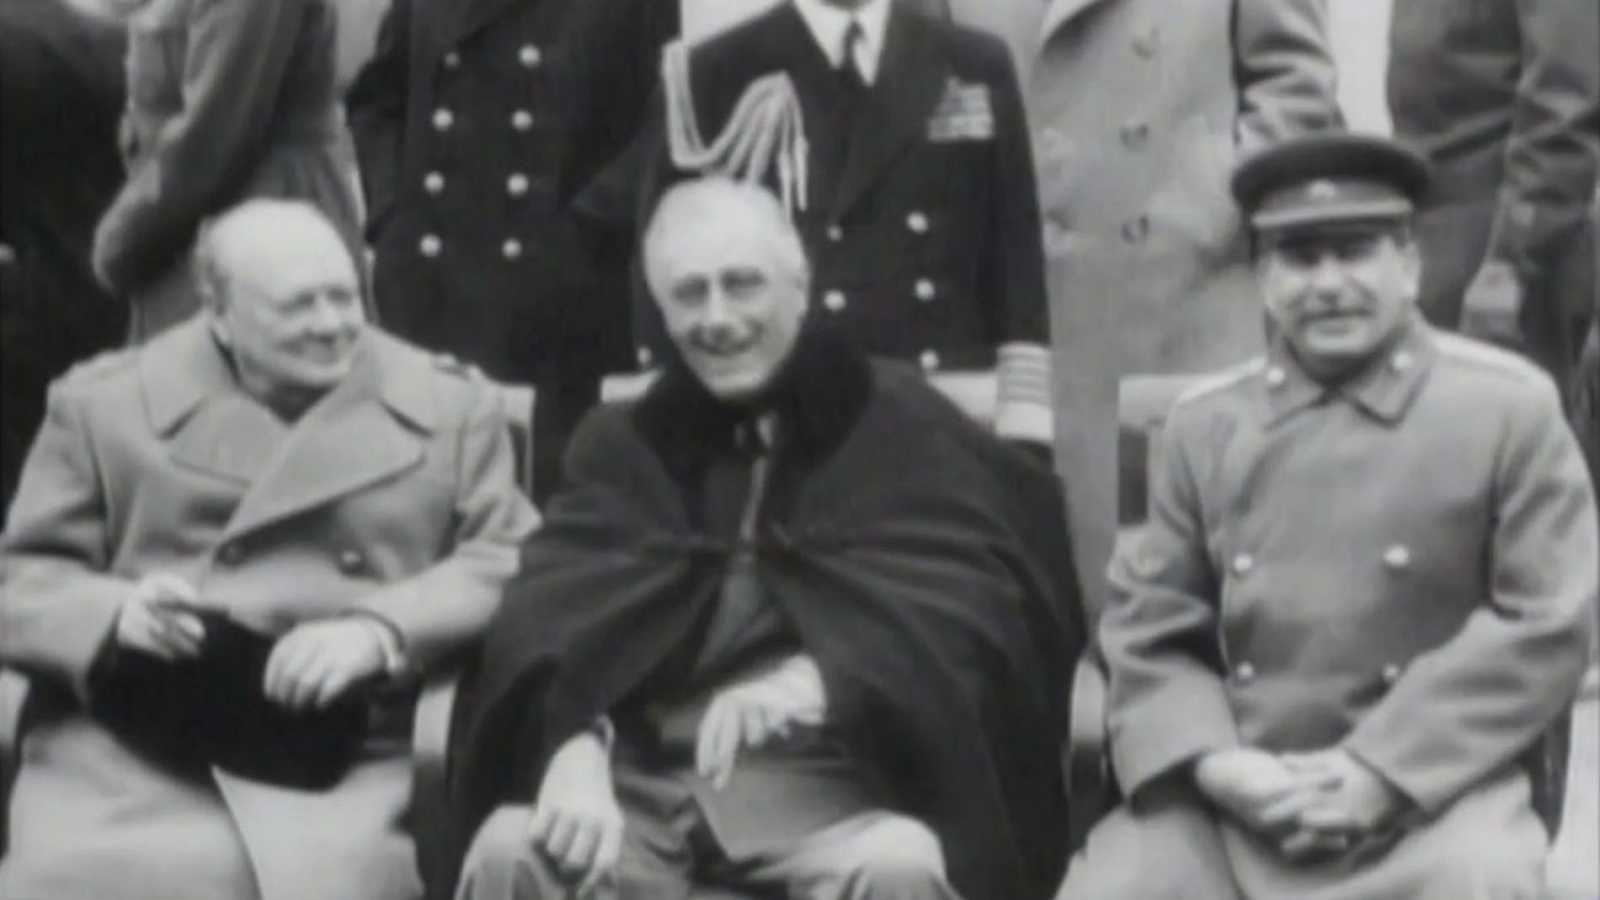 La Conferencia de Yalta: 75 años del reparto de Europa tras la II Guerra Mundial